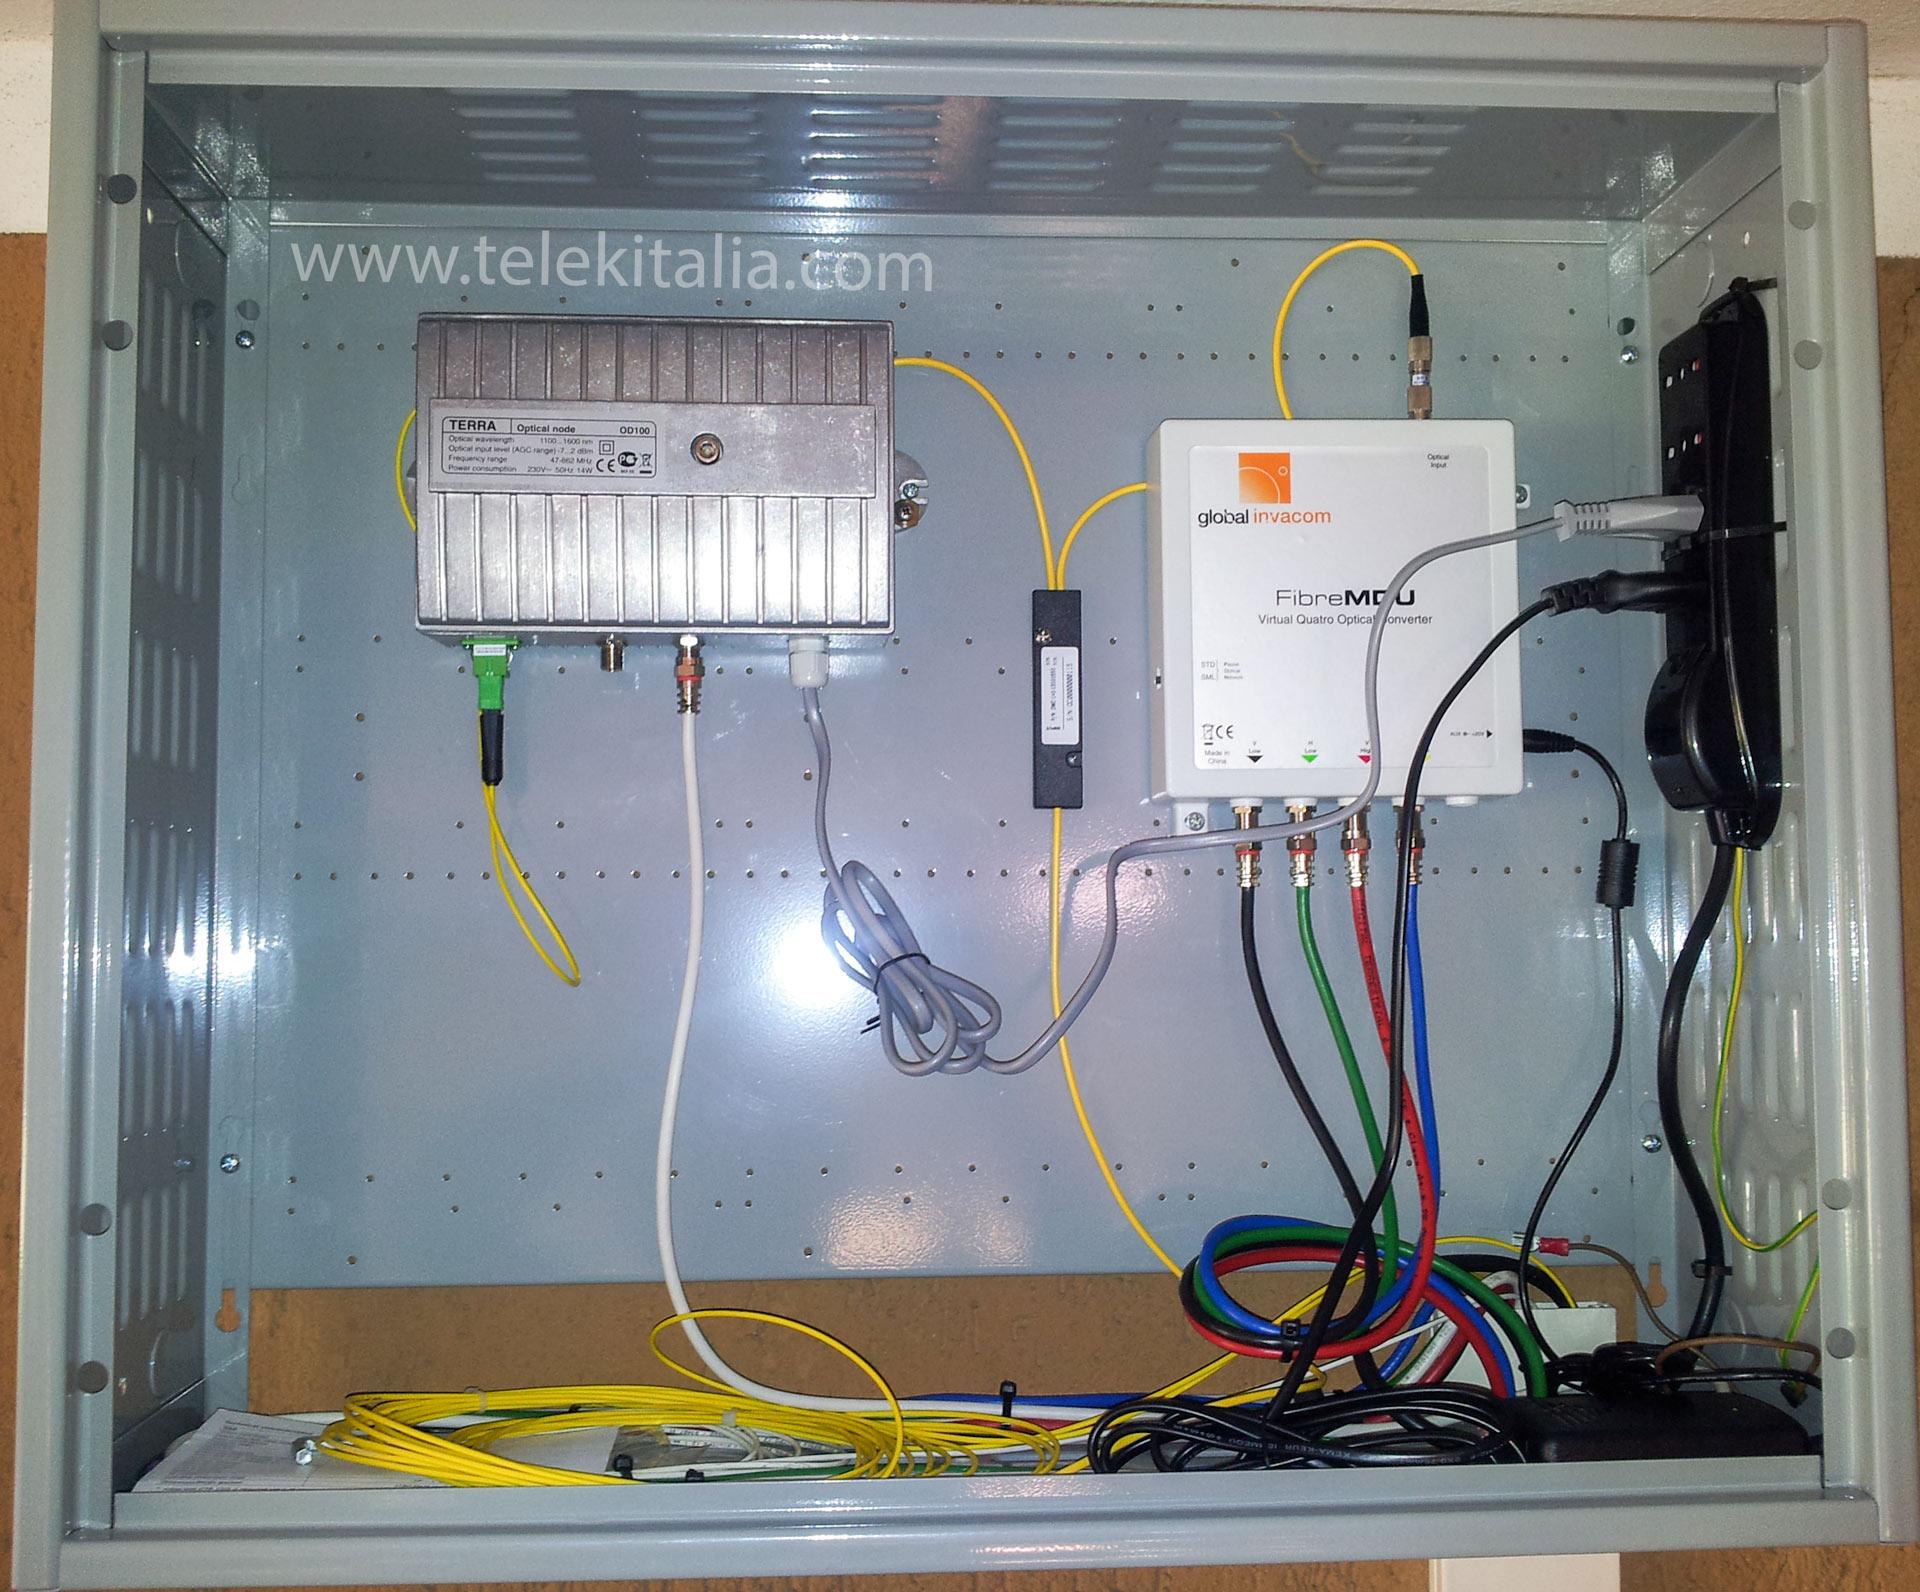 Schema Impianto Cablaggio Strutturato : Impianto tv fibra ottica